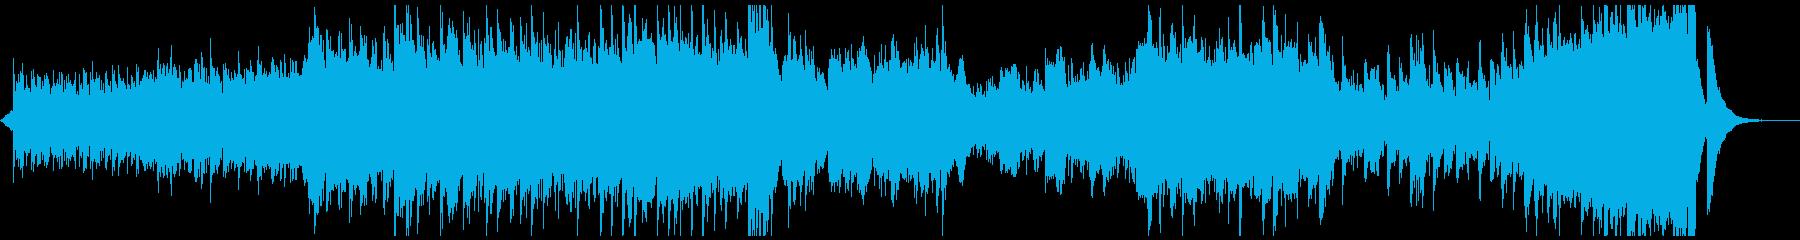 現代の交響曲で淡々とした曲の再生済みの波形